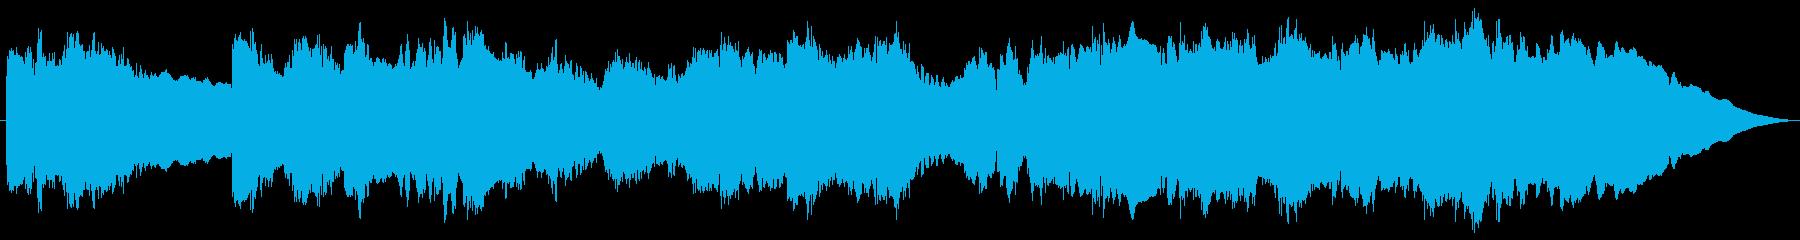 アメリカ国歌 星条旗 エレキギターの再生済みの波形